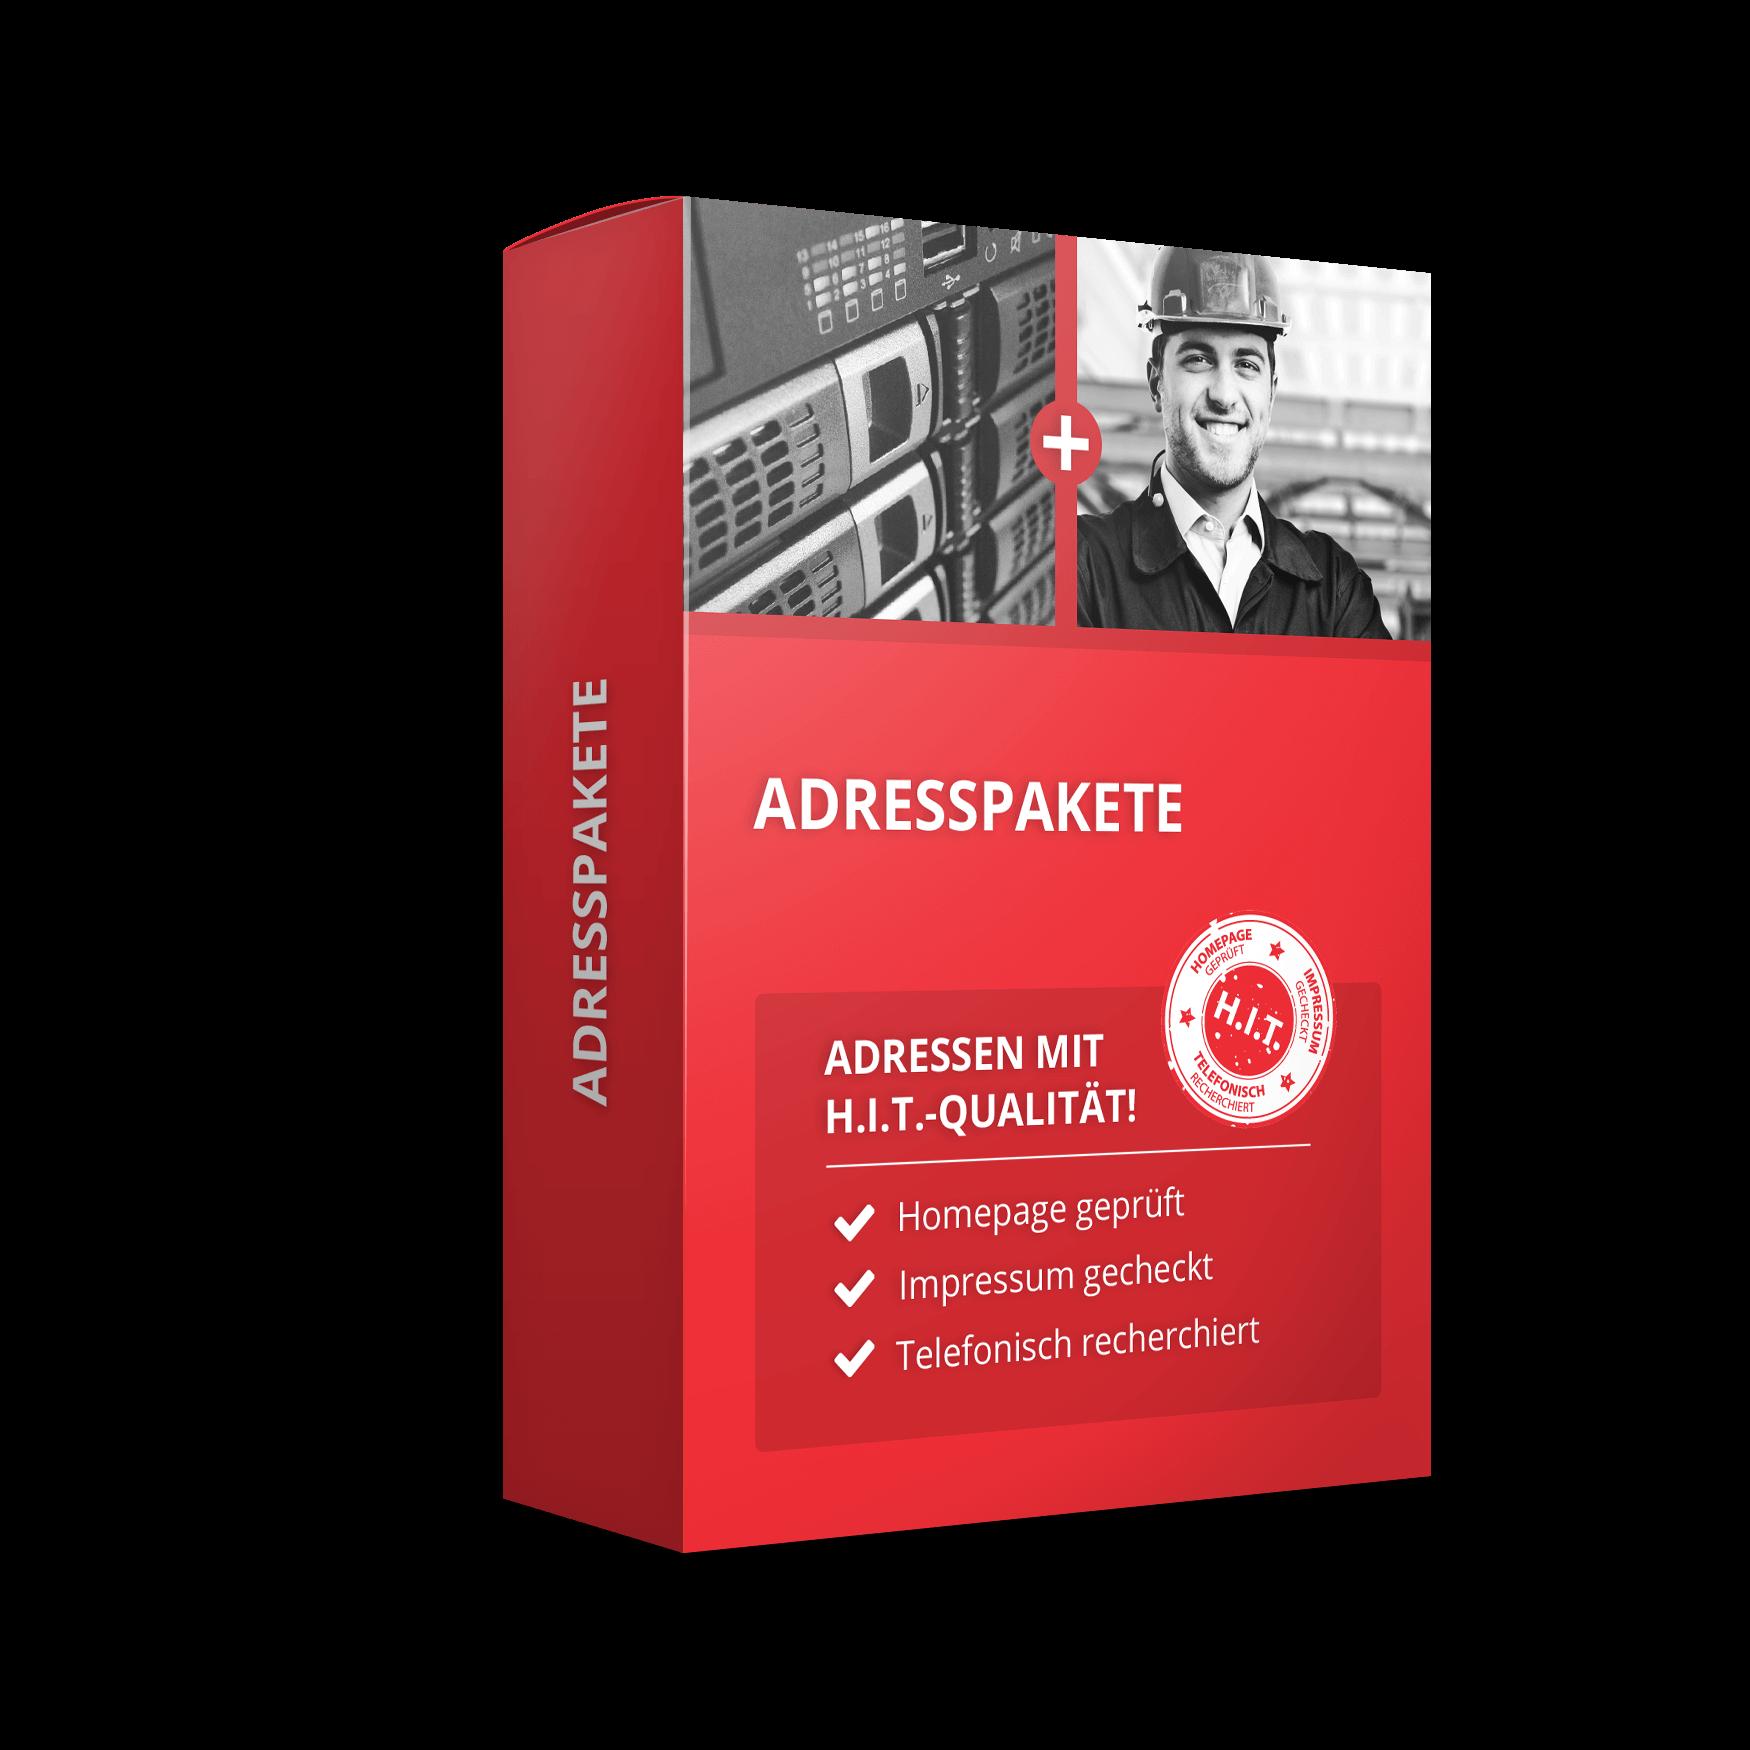 Darstellung einer roten Schachtel mit dem Titel Adresspakete